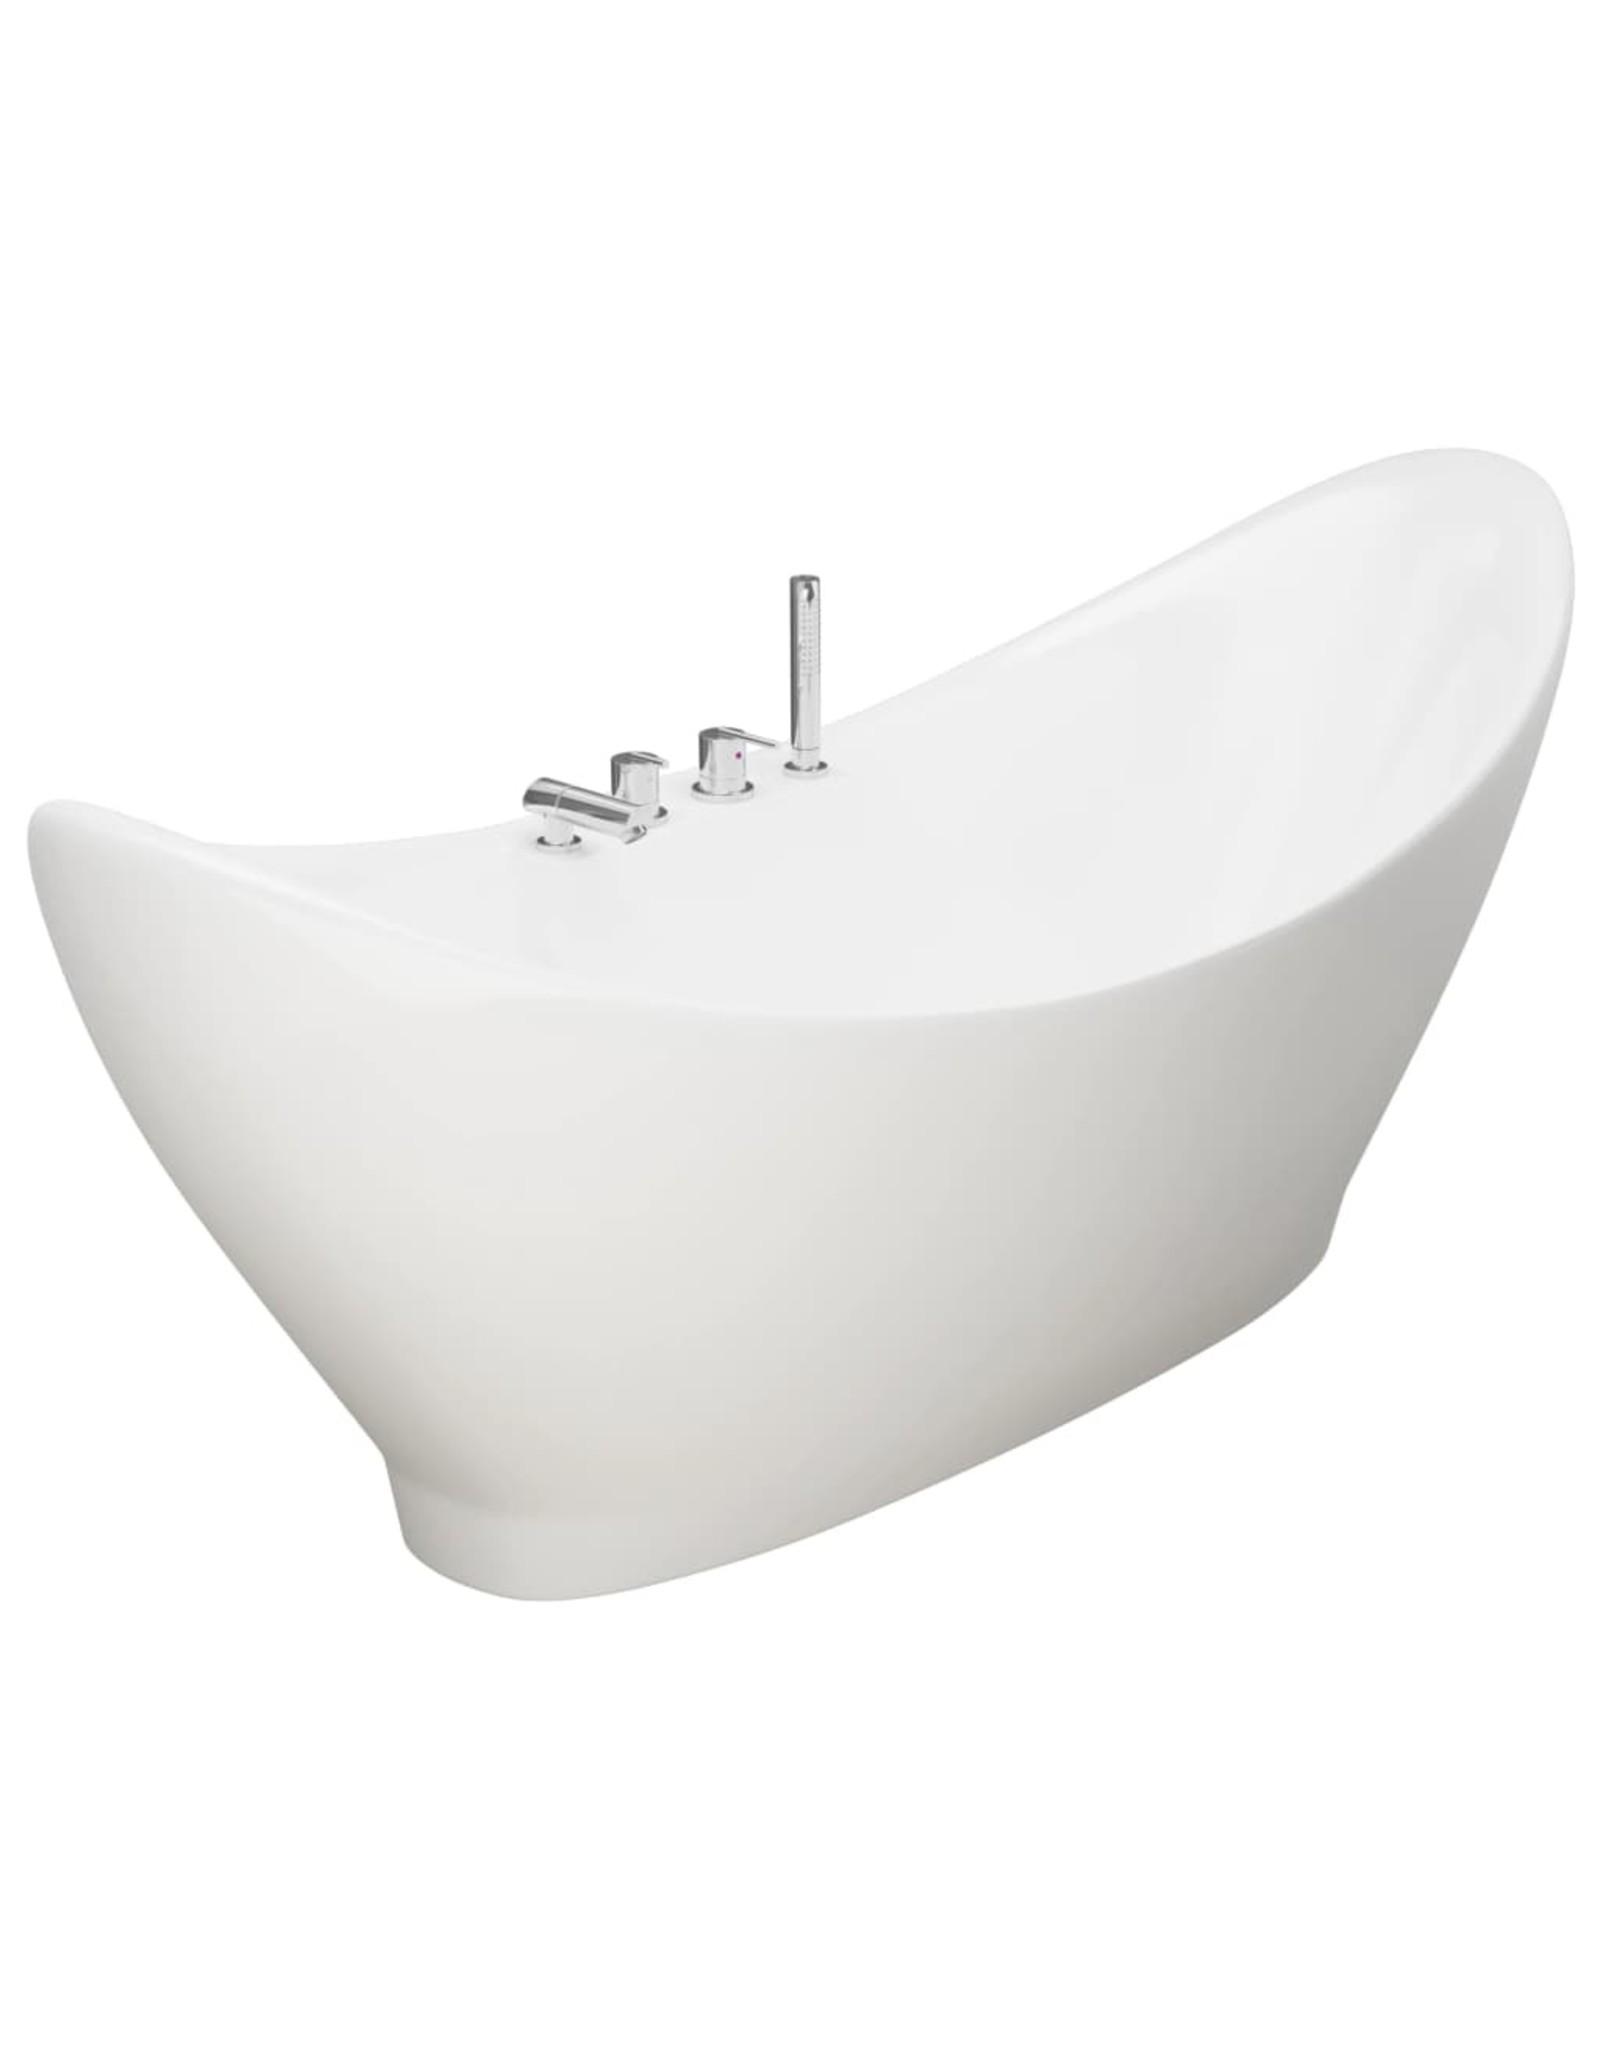 Badkuip vrijstaand met kraan 183 L acryl wit